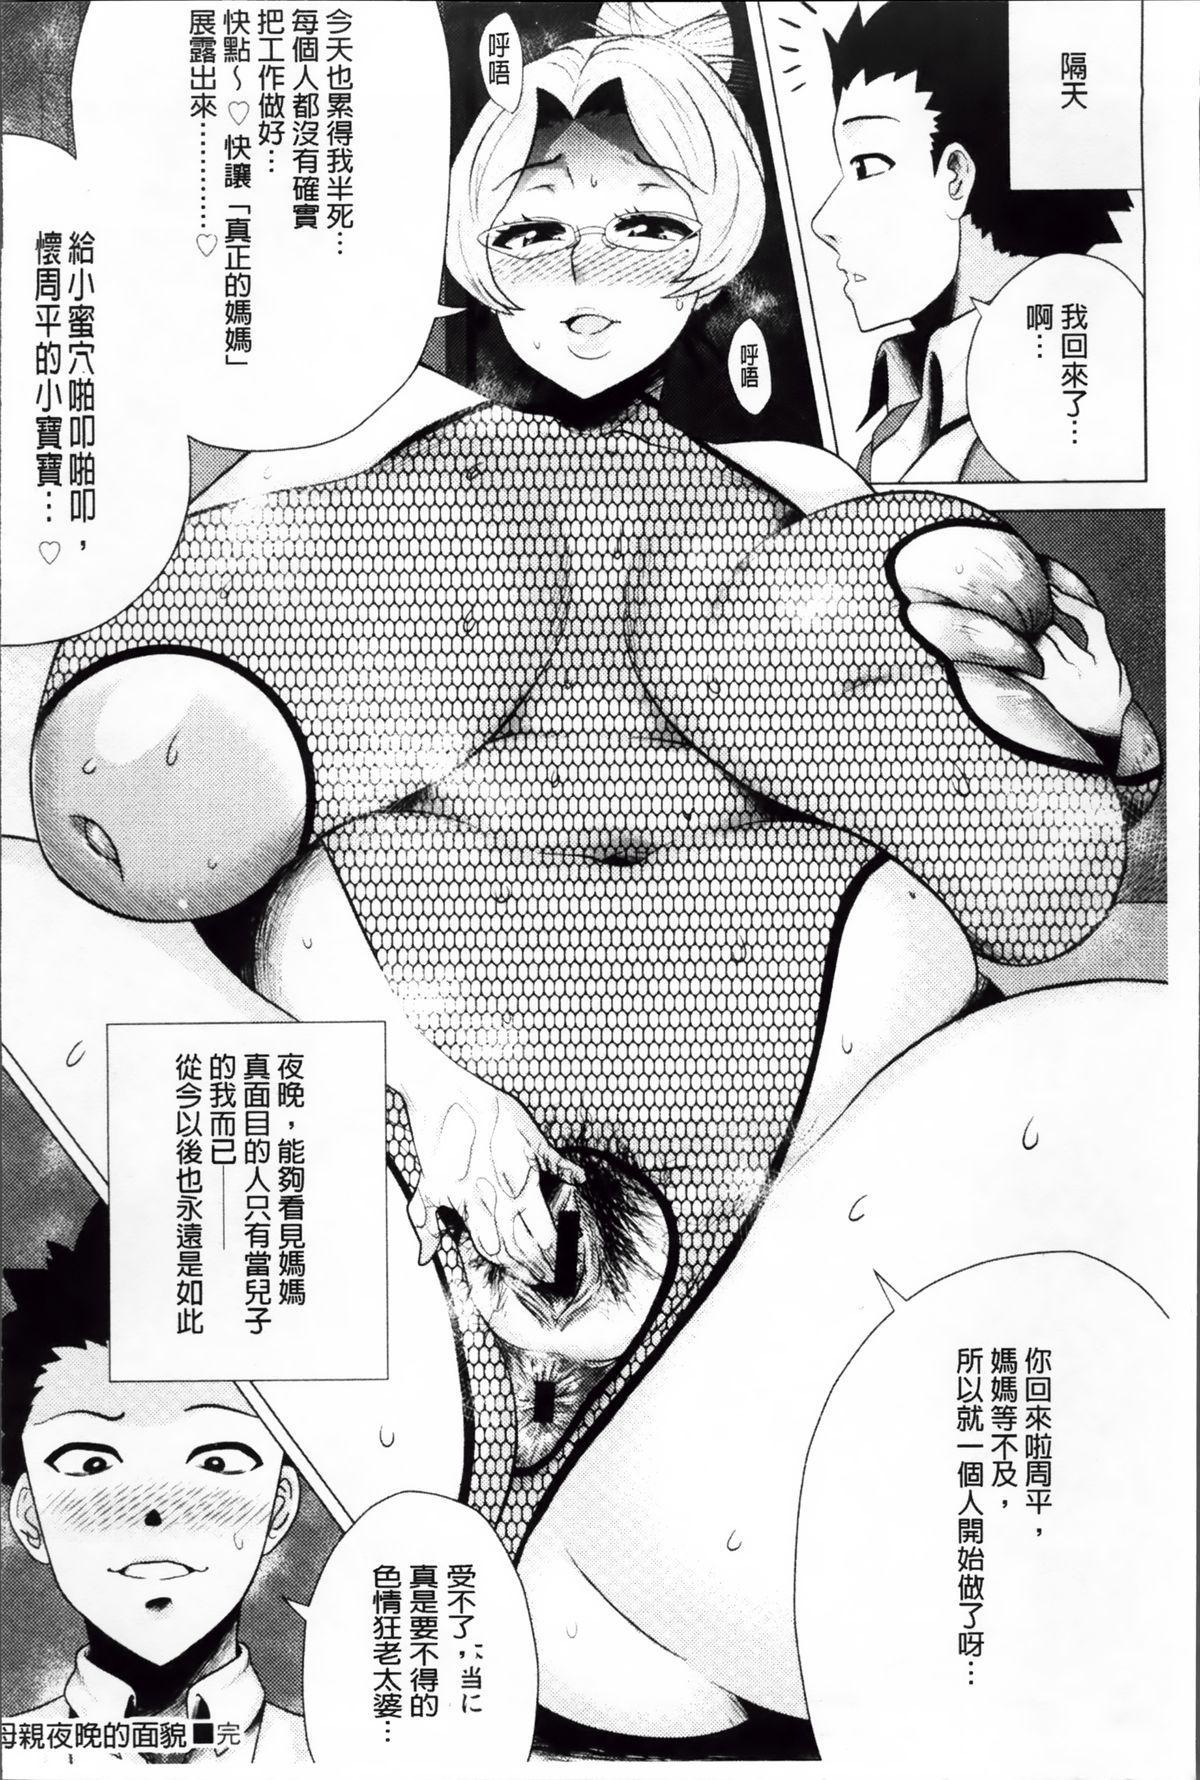 Megabody Night - Watashi no Oniku o Meshiagare 118